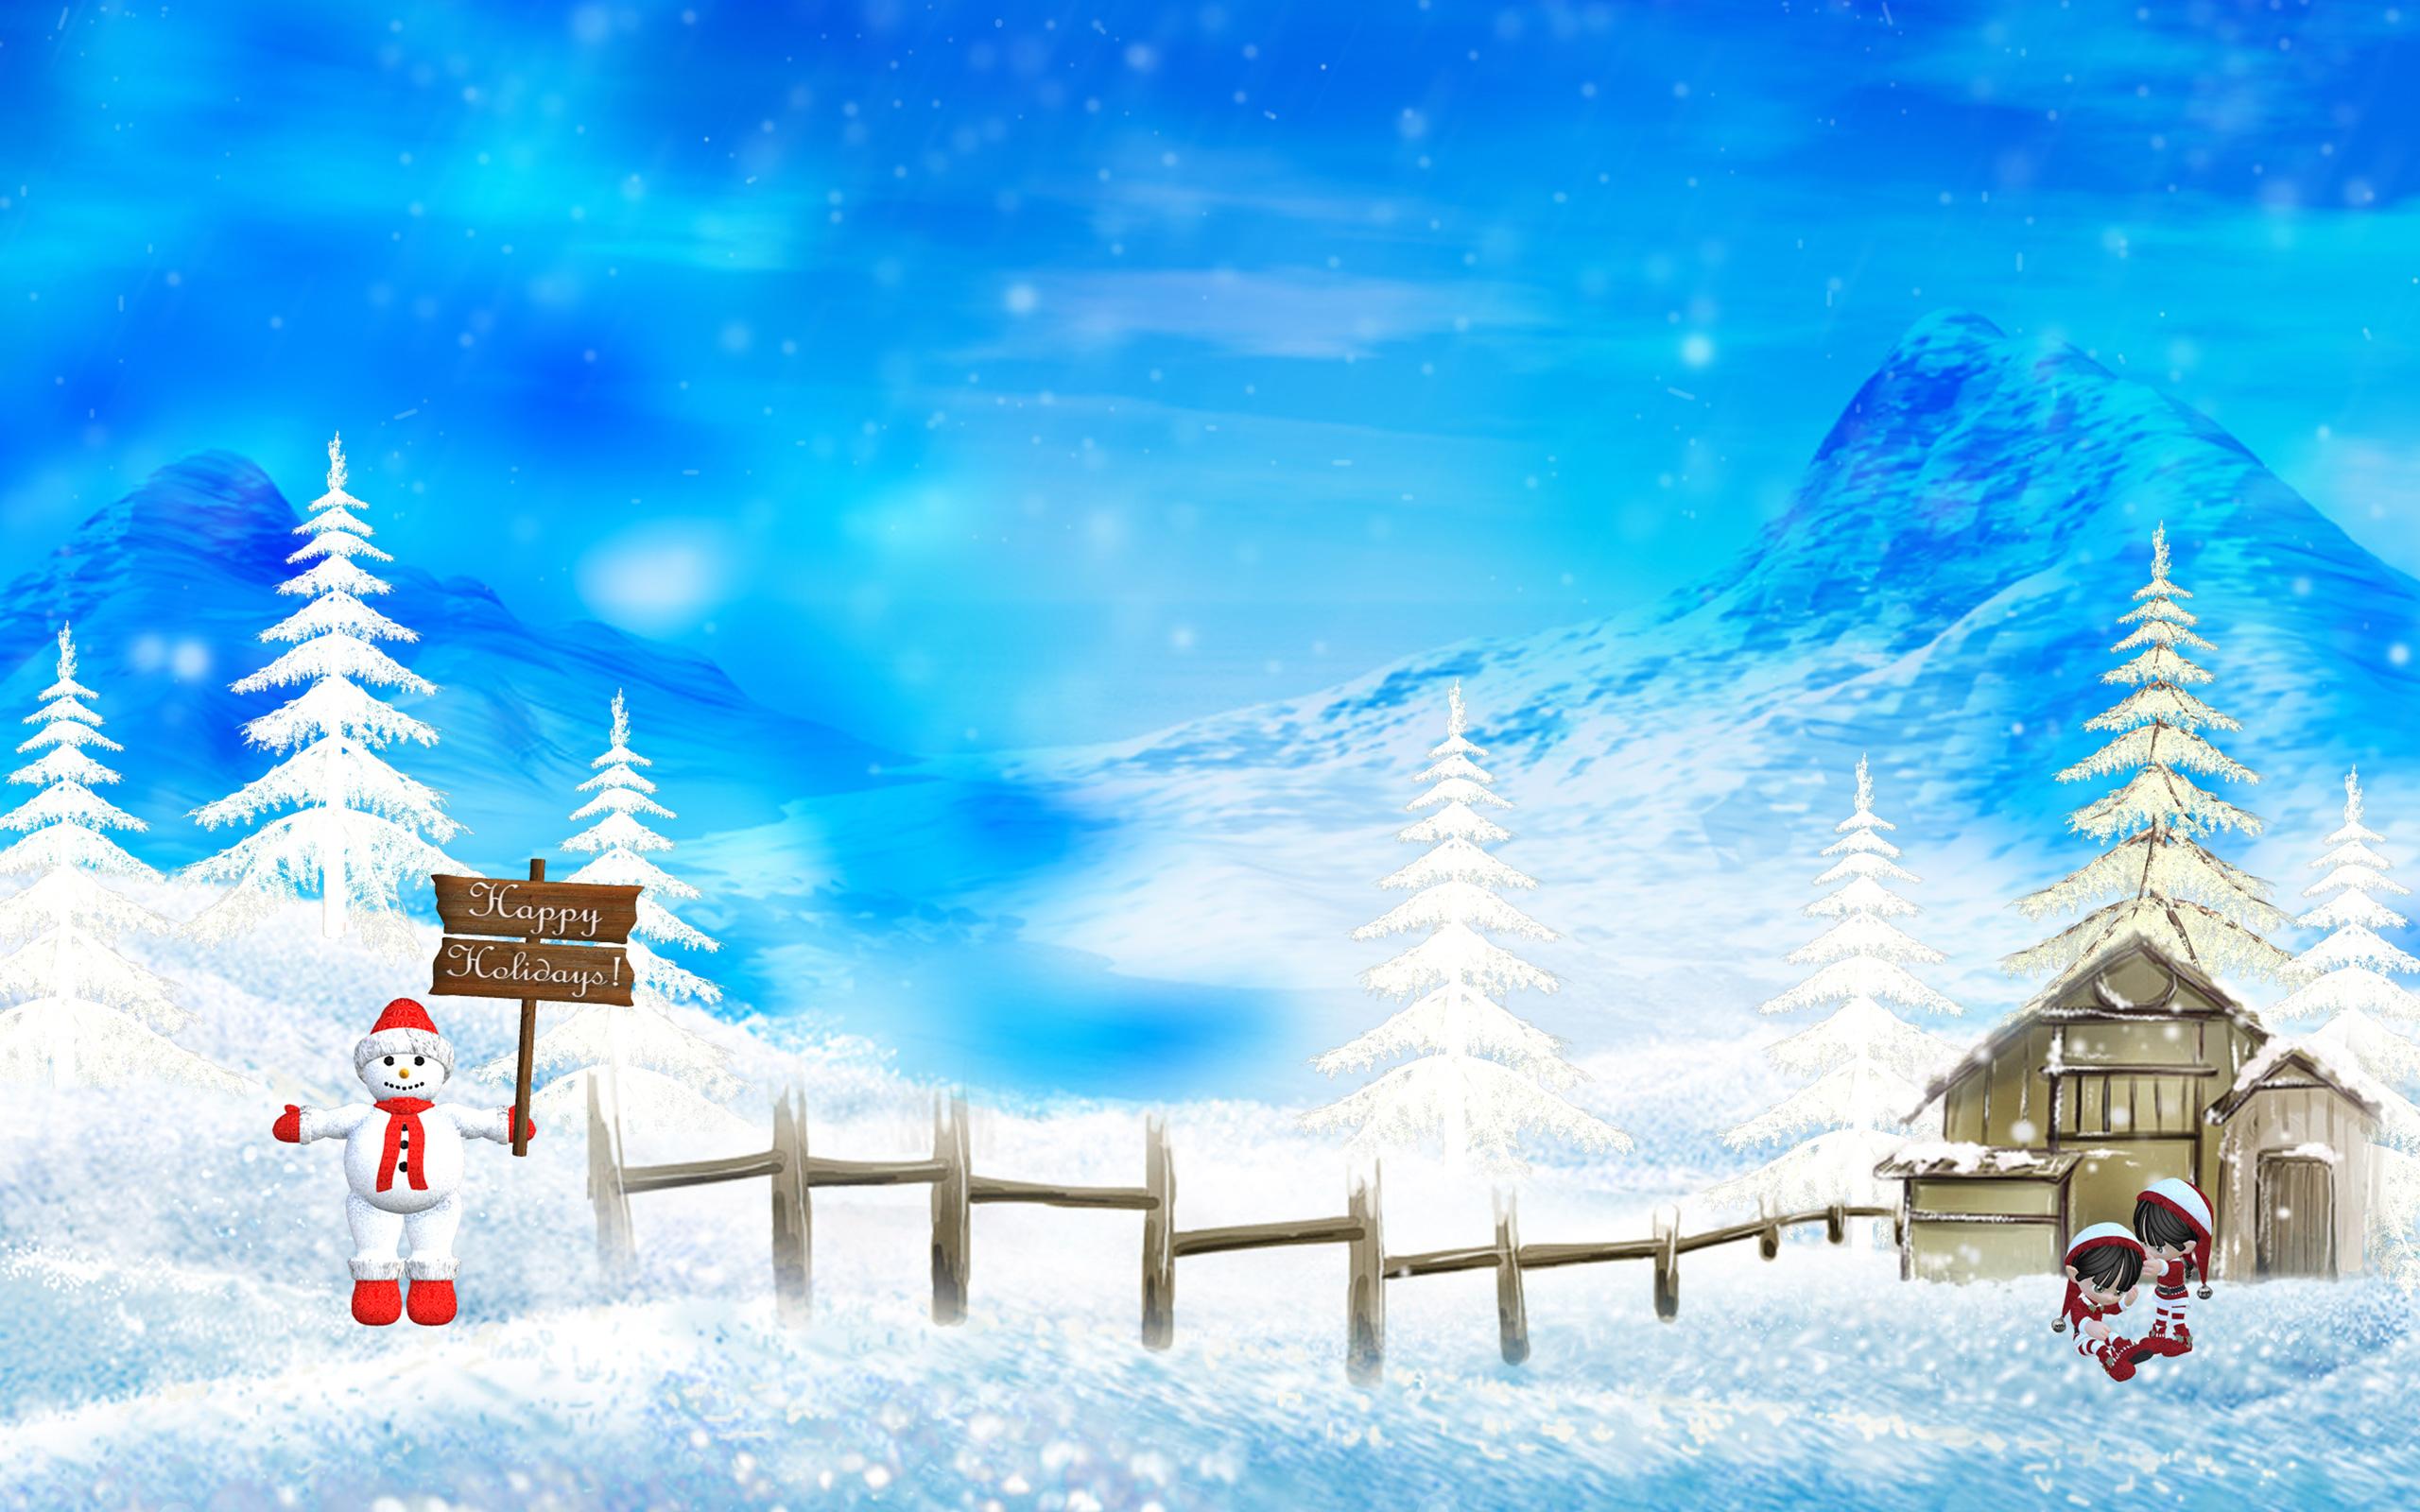 Christmas Wallpaper christmas scene wallpaper 2560x1600